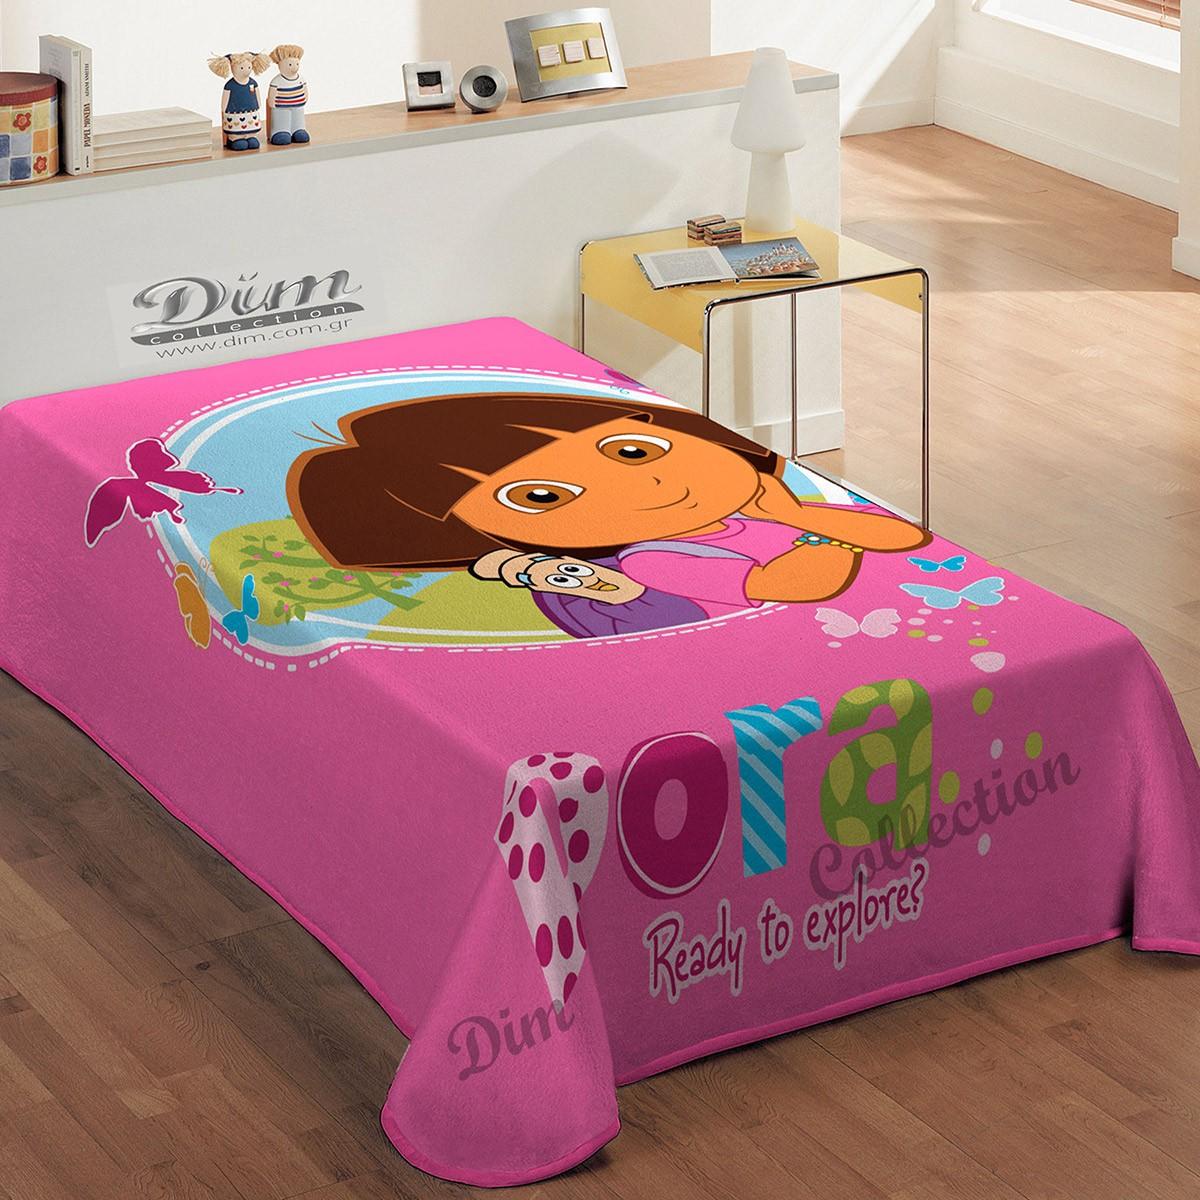 Κουβέρτα Βελουτέ Μονή Dim Collection Dora home   παιδικά   κουβέρτες παιδικές   κουβέρτες βελουτέ